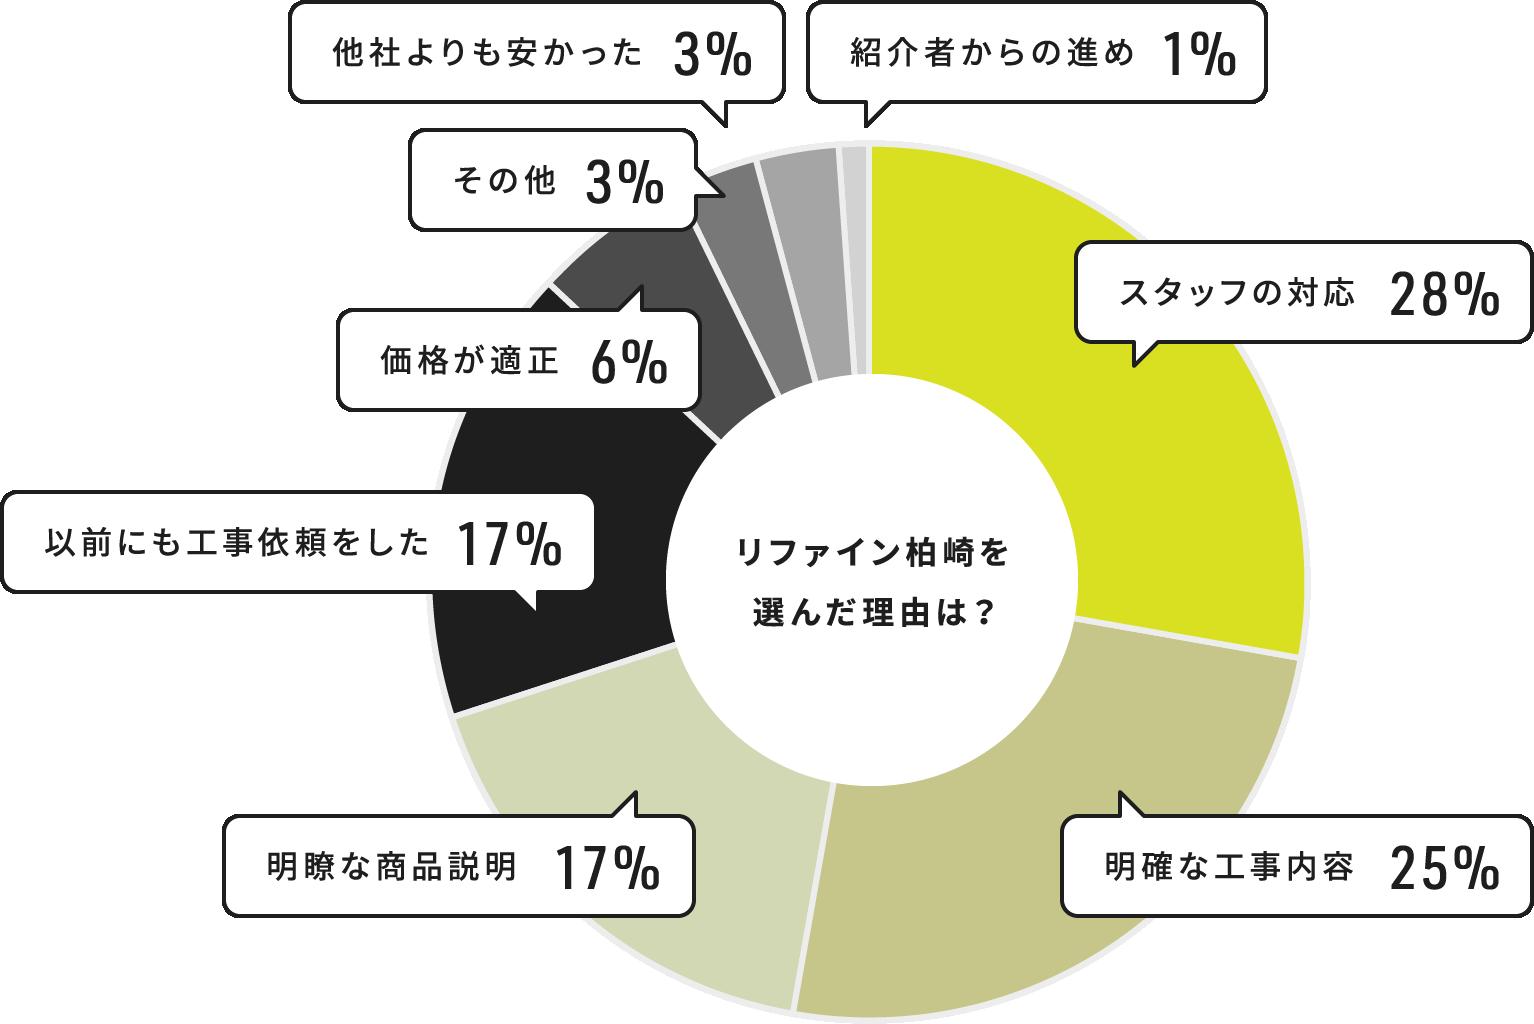 リファイン柏崎を選んだ理由は? スタッフの対応 28% 明確な工事内容 25% 明瞭な商品説明 17% 以前にも工事依頼をした 17% 価格が適正 6% その他 3% 他社よりも安かった 3% 紹介者からの進め 1%